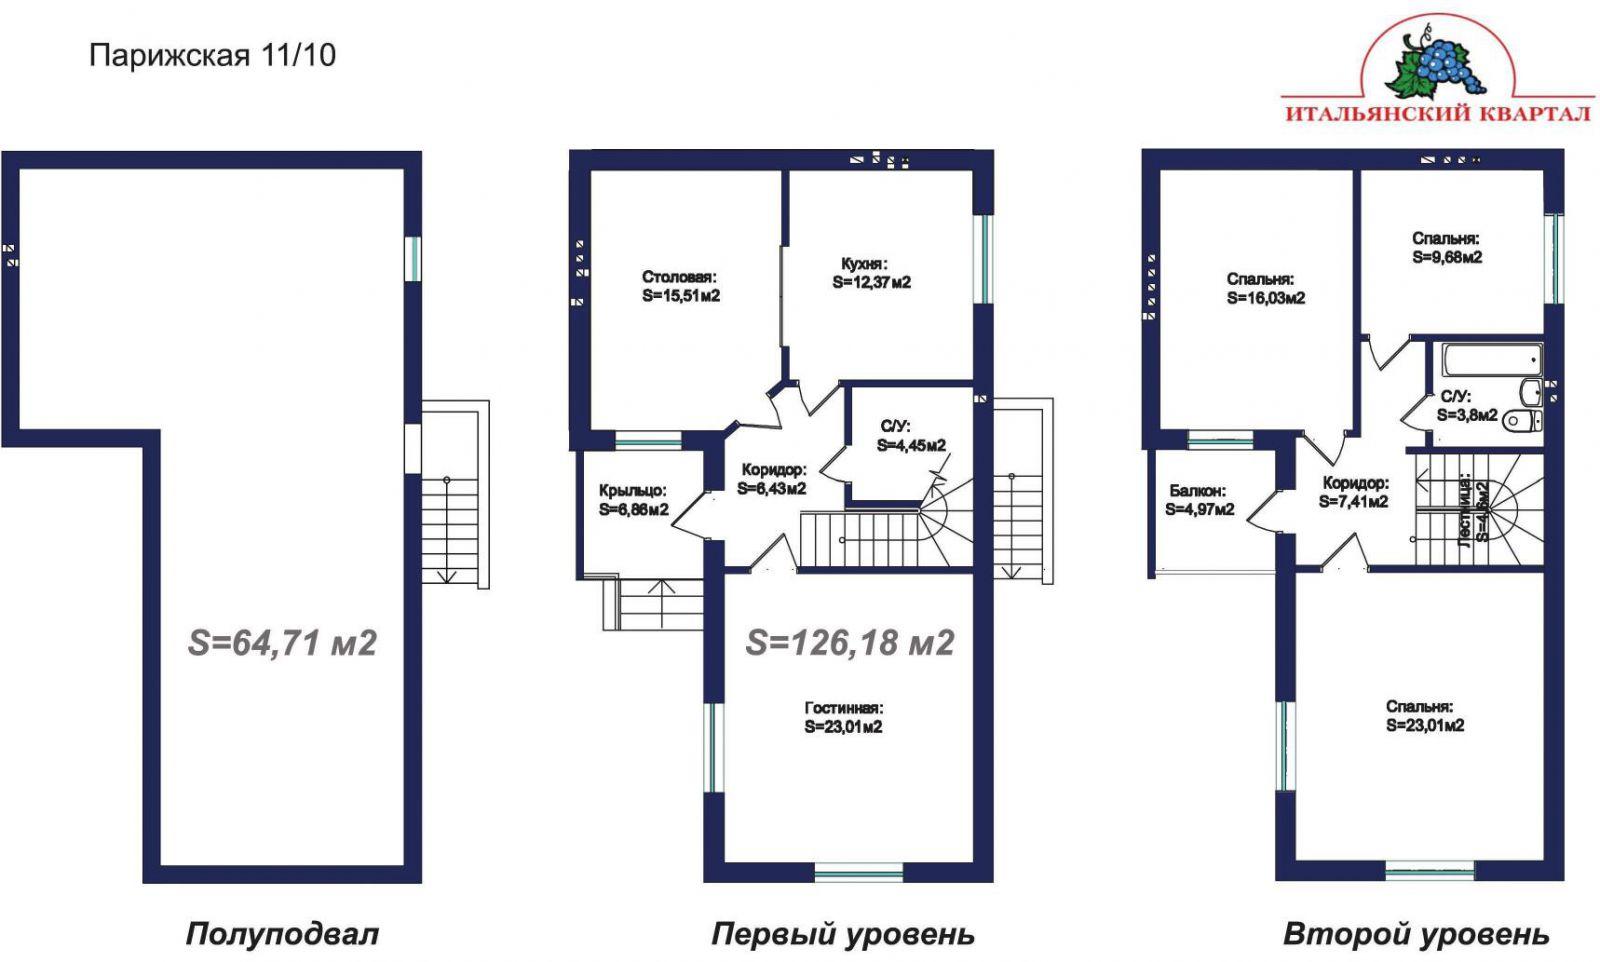 Зеленый Мыс коттедж 126,18 m2